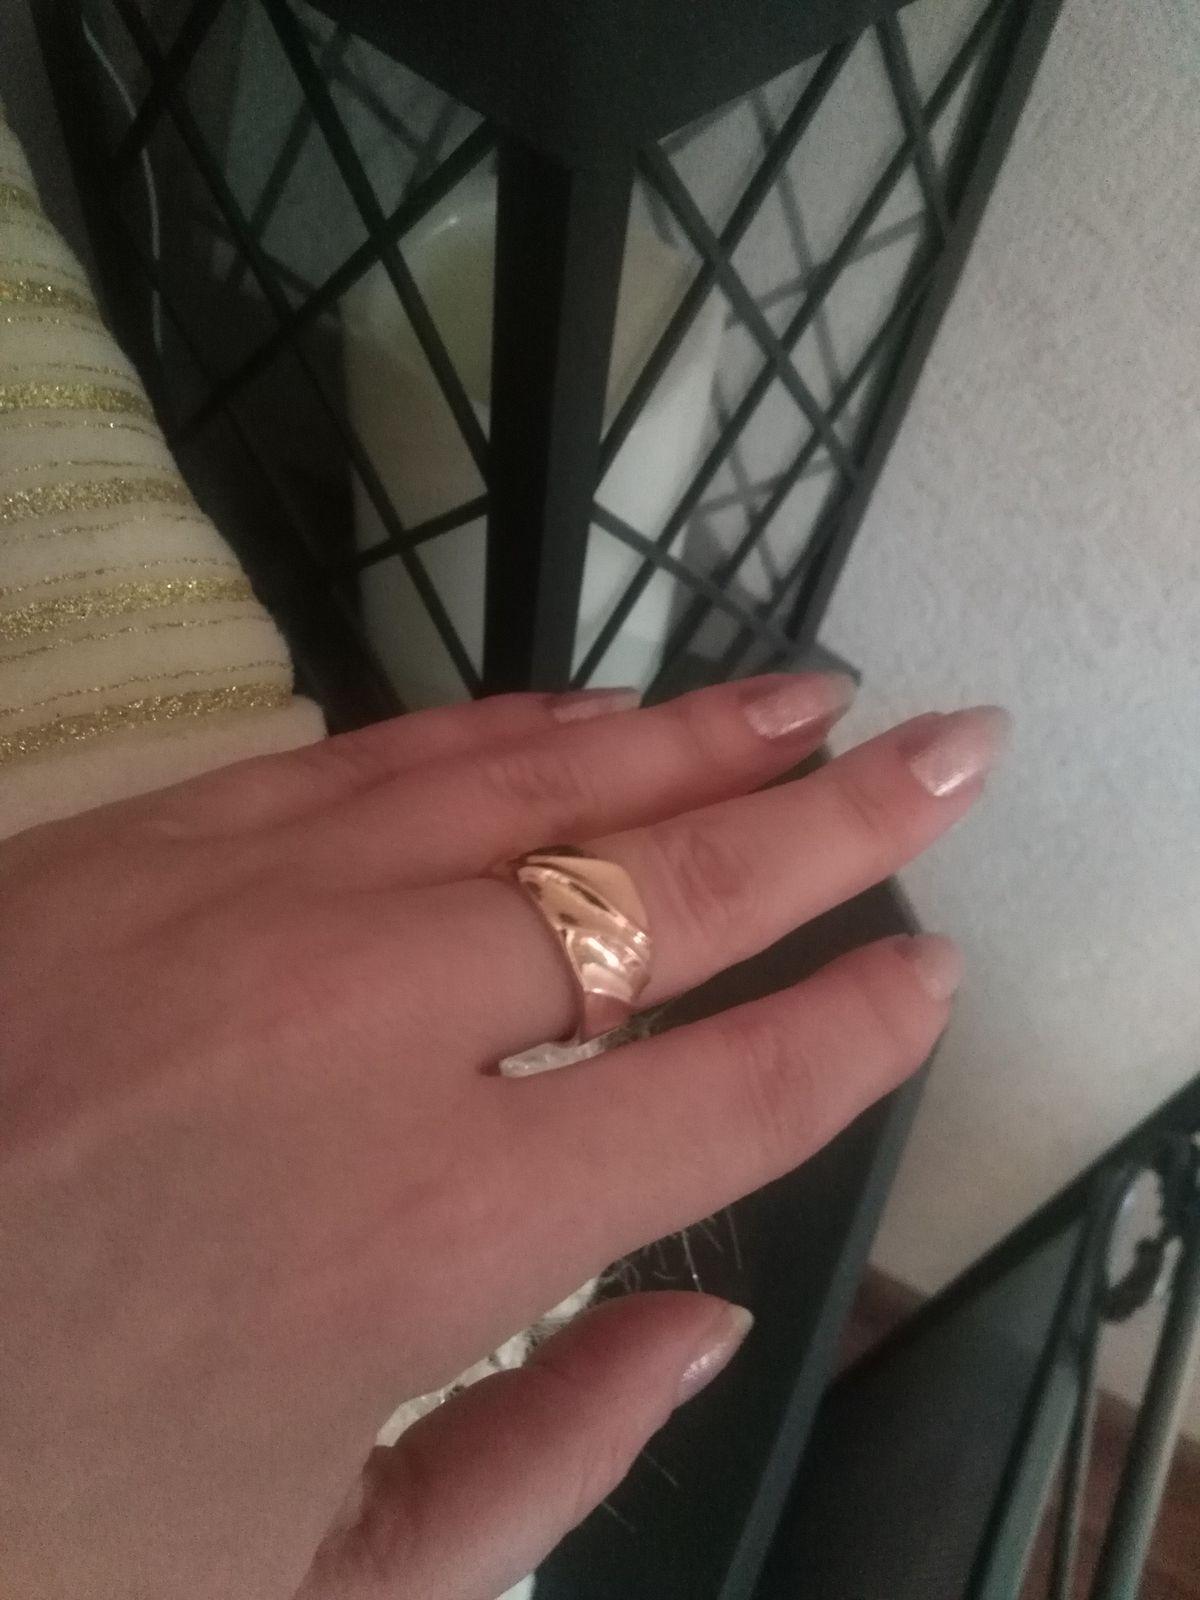 Кольцо себе любимой